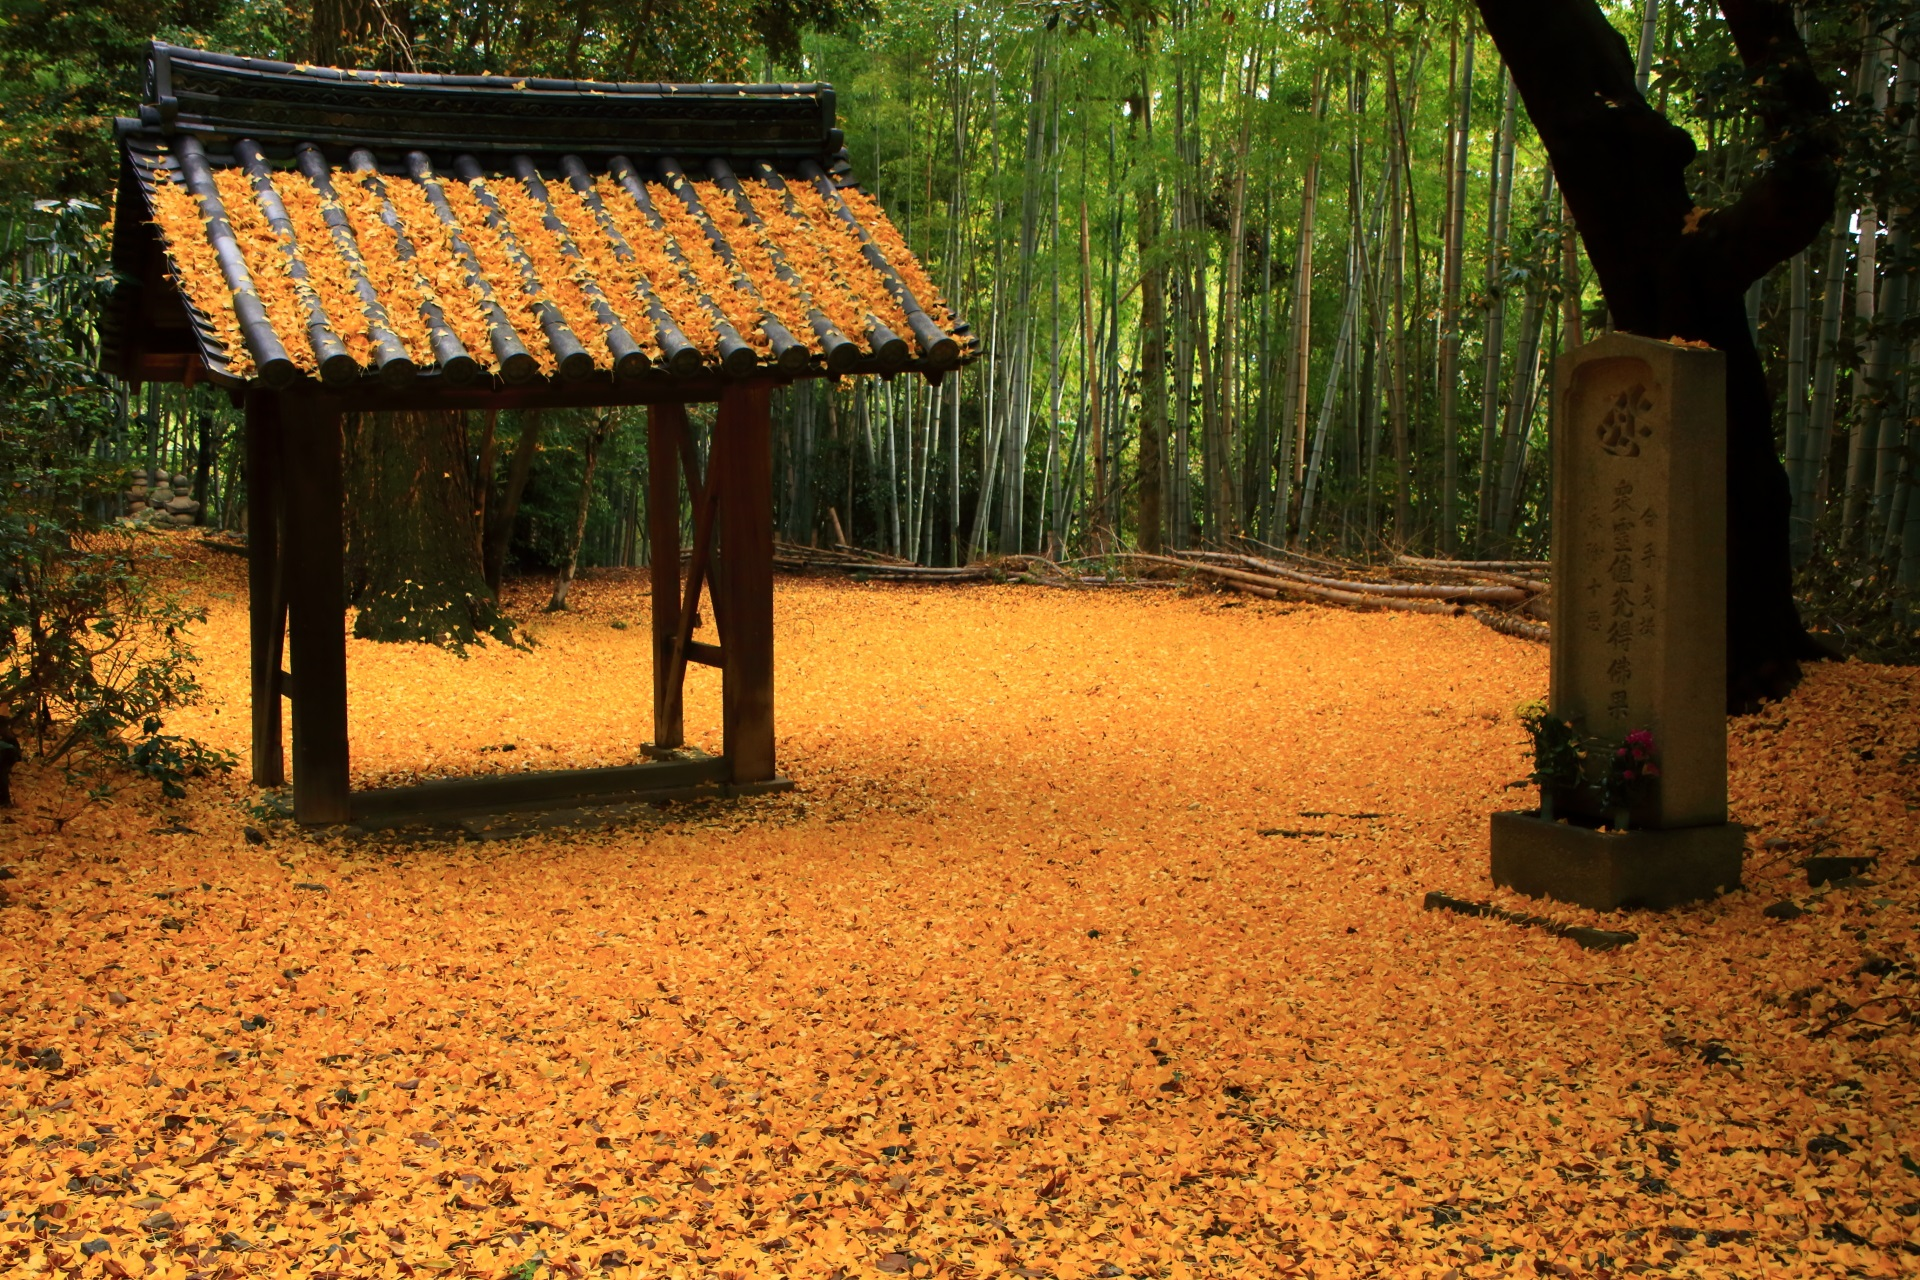 山崎聖天の素晴らしい散り銀杏と晩秋の情景